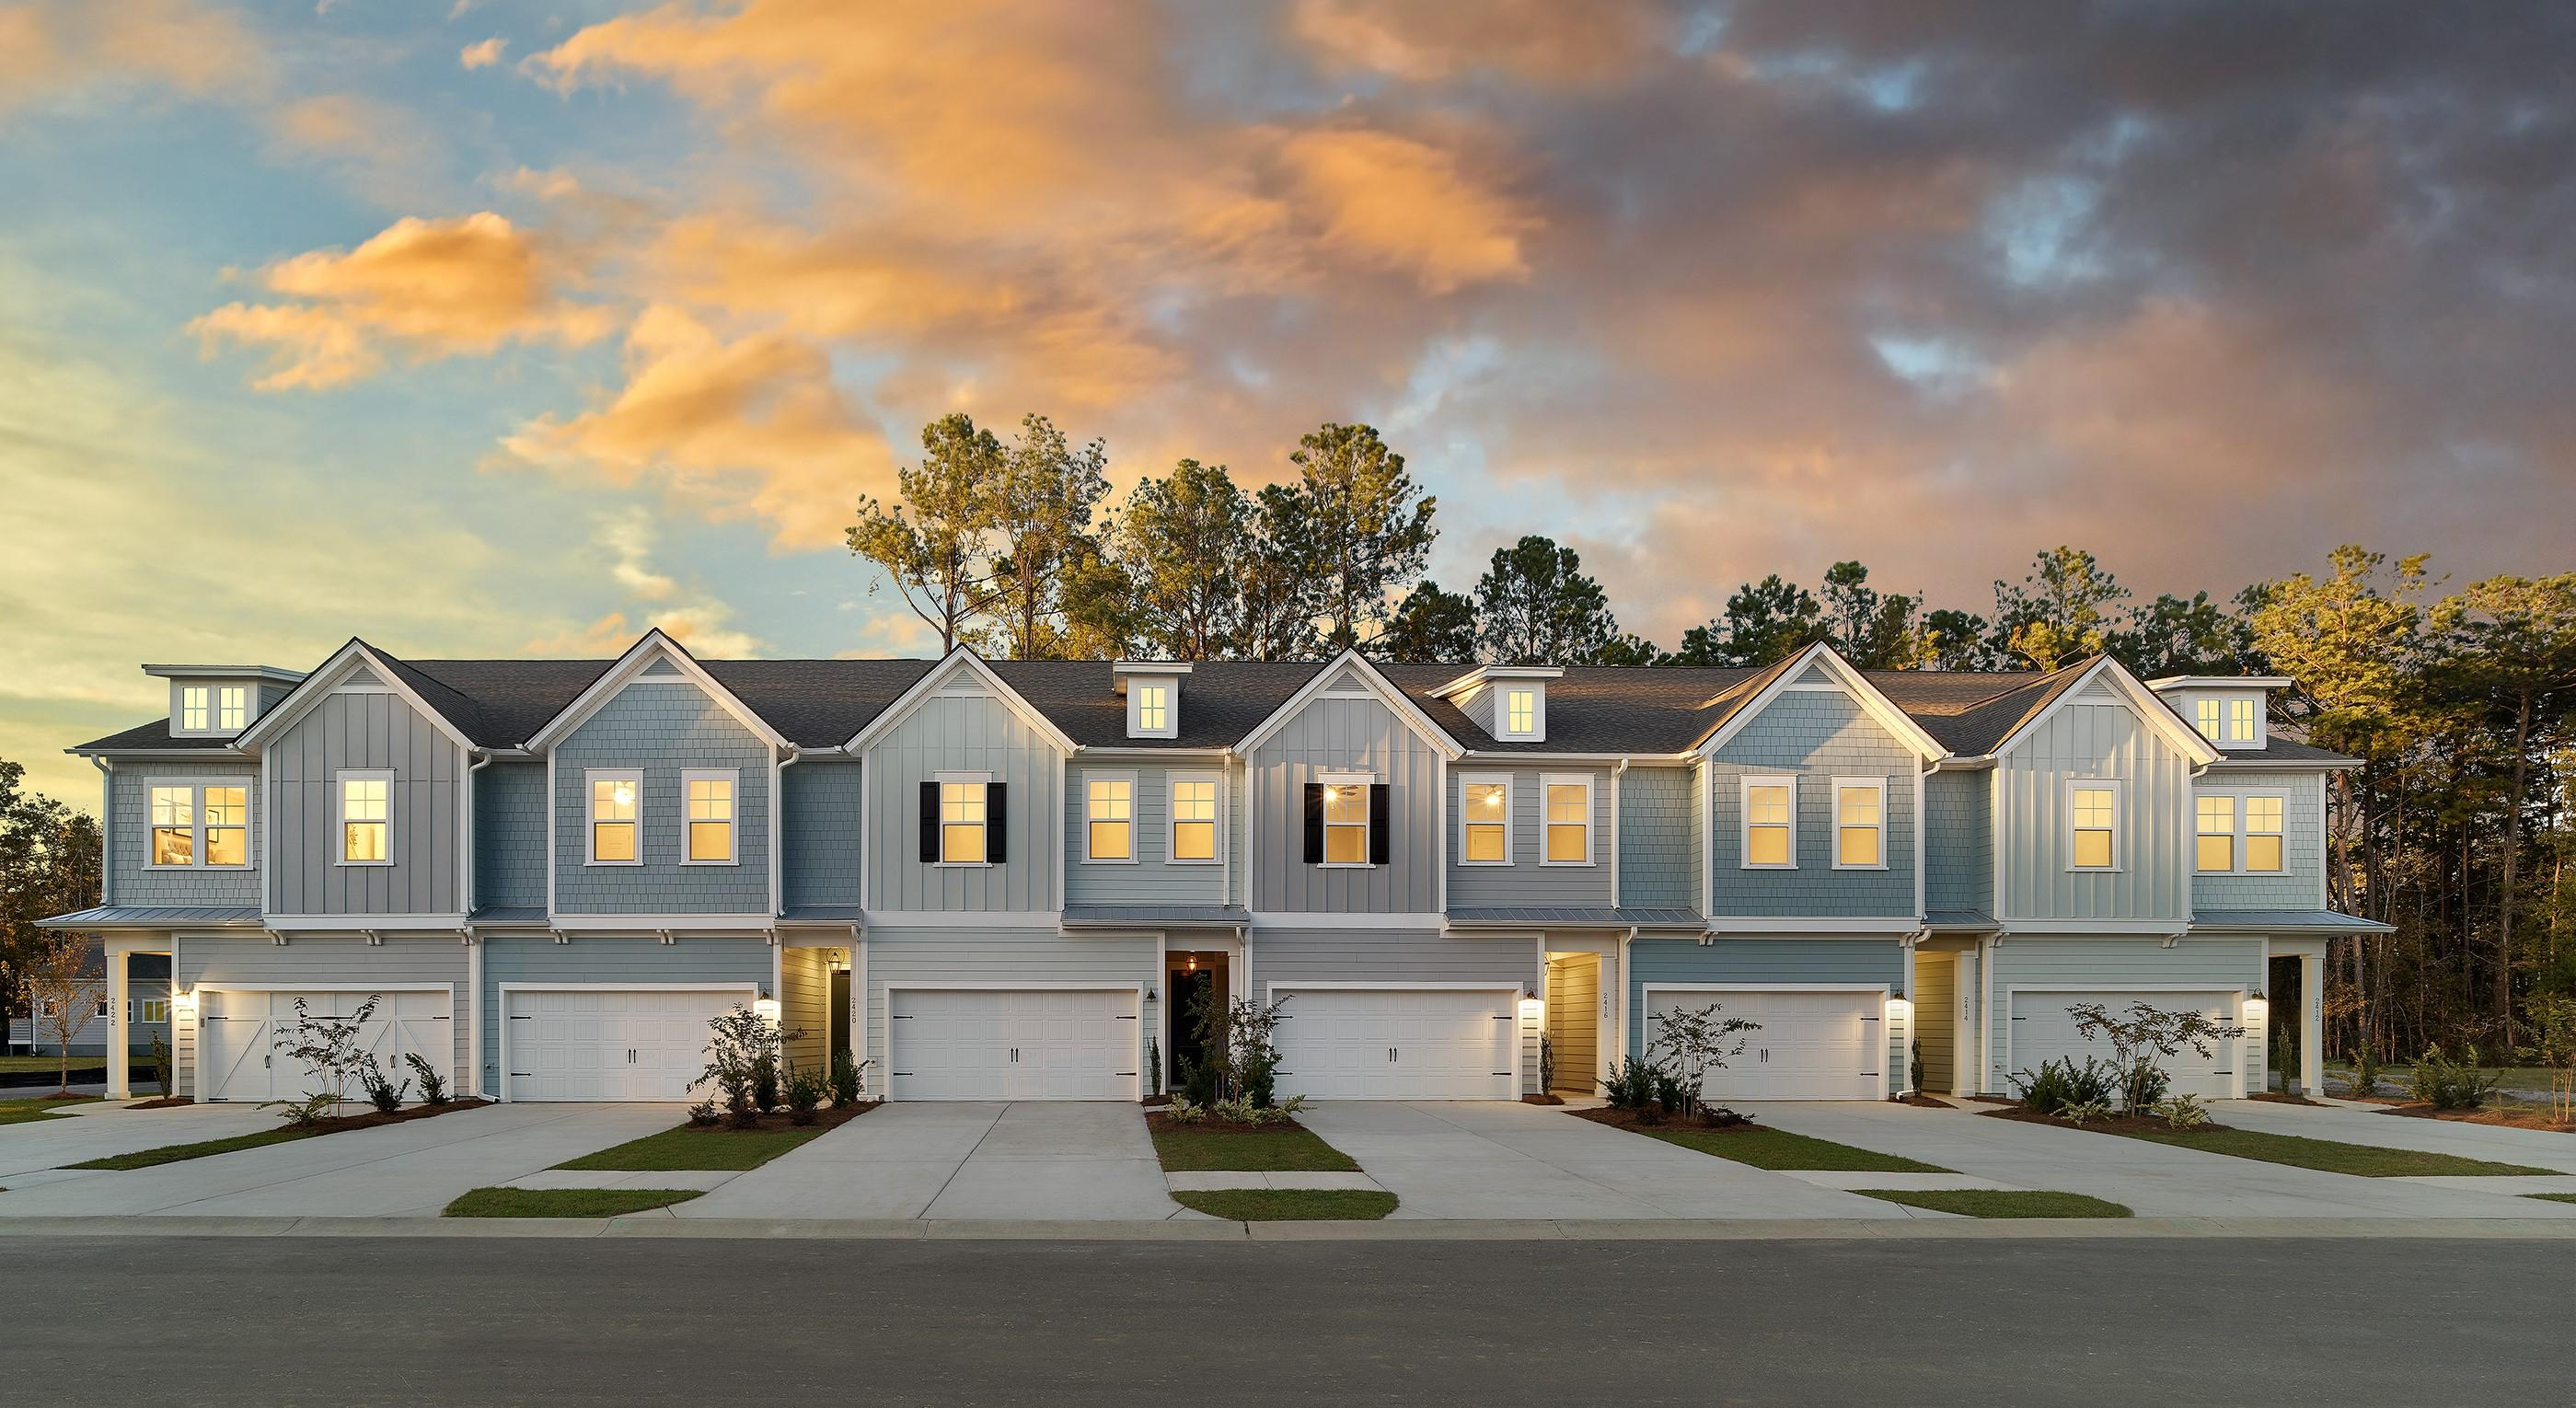 Dunes West Homes For Sale - 2890 Eddy, Mount Pleasant, SC - 18